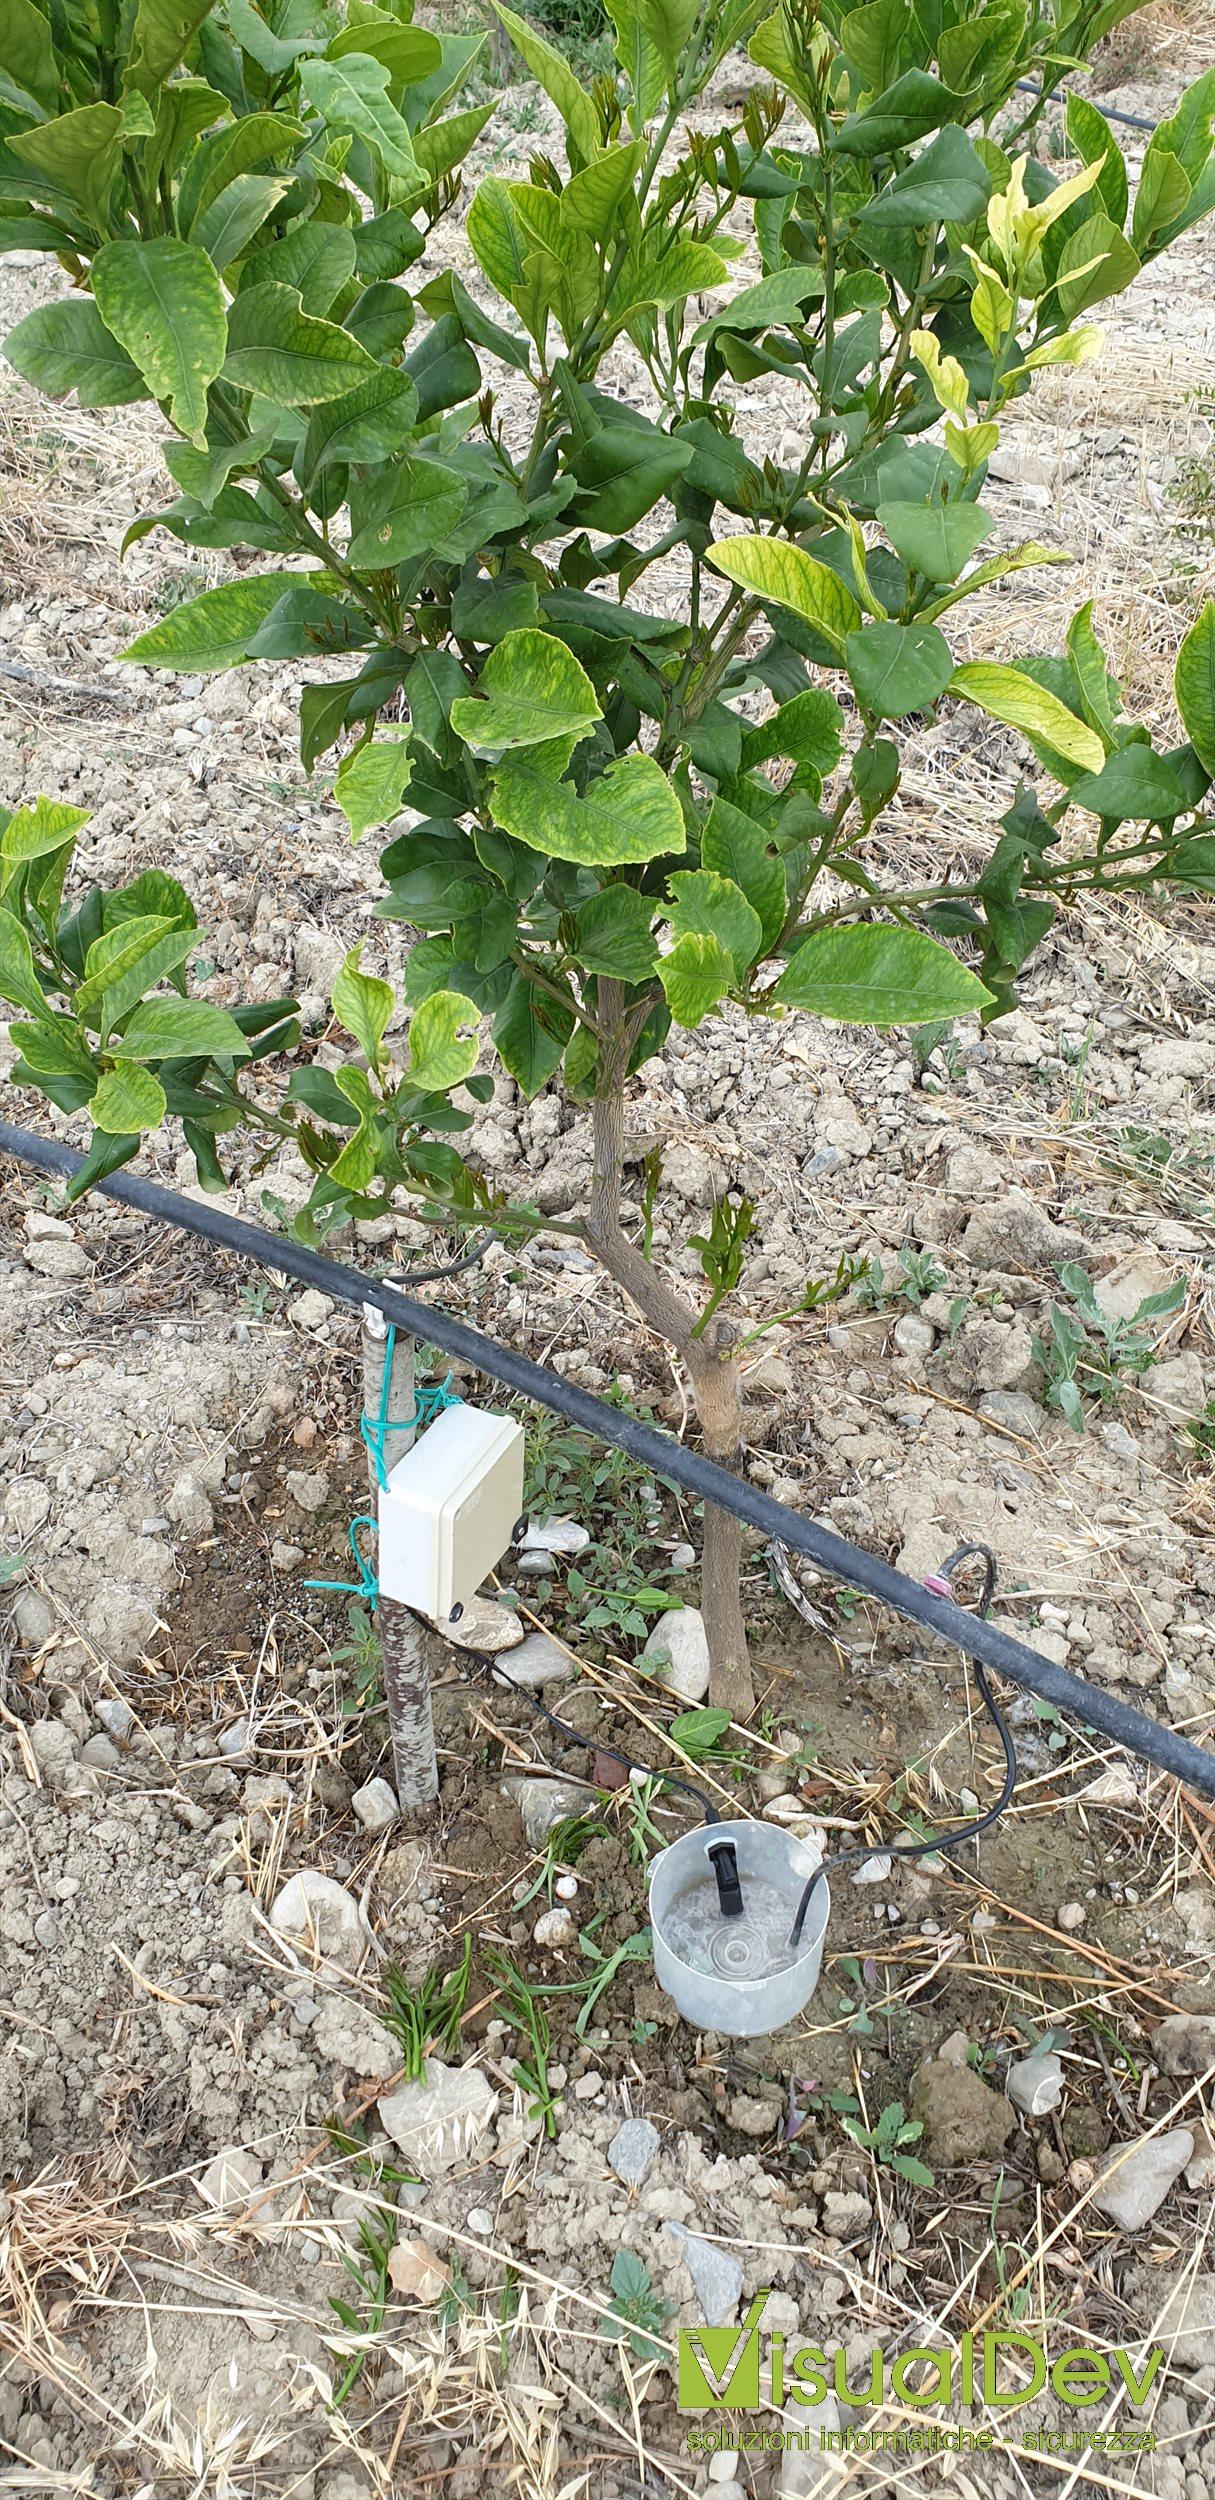 Controllo avvio irrigazione